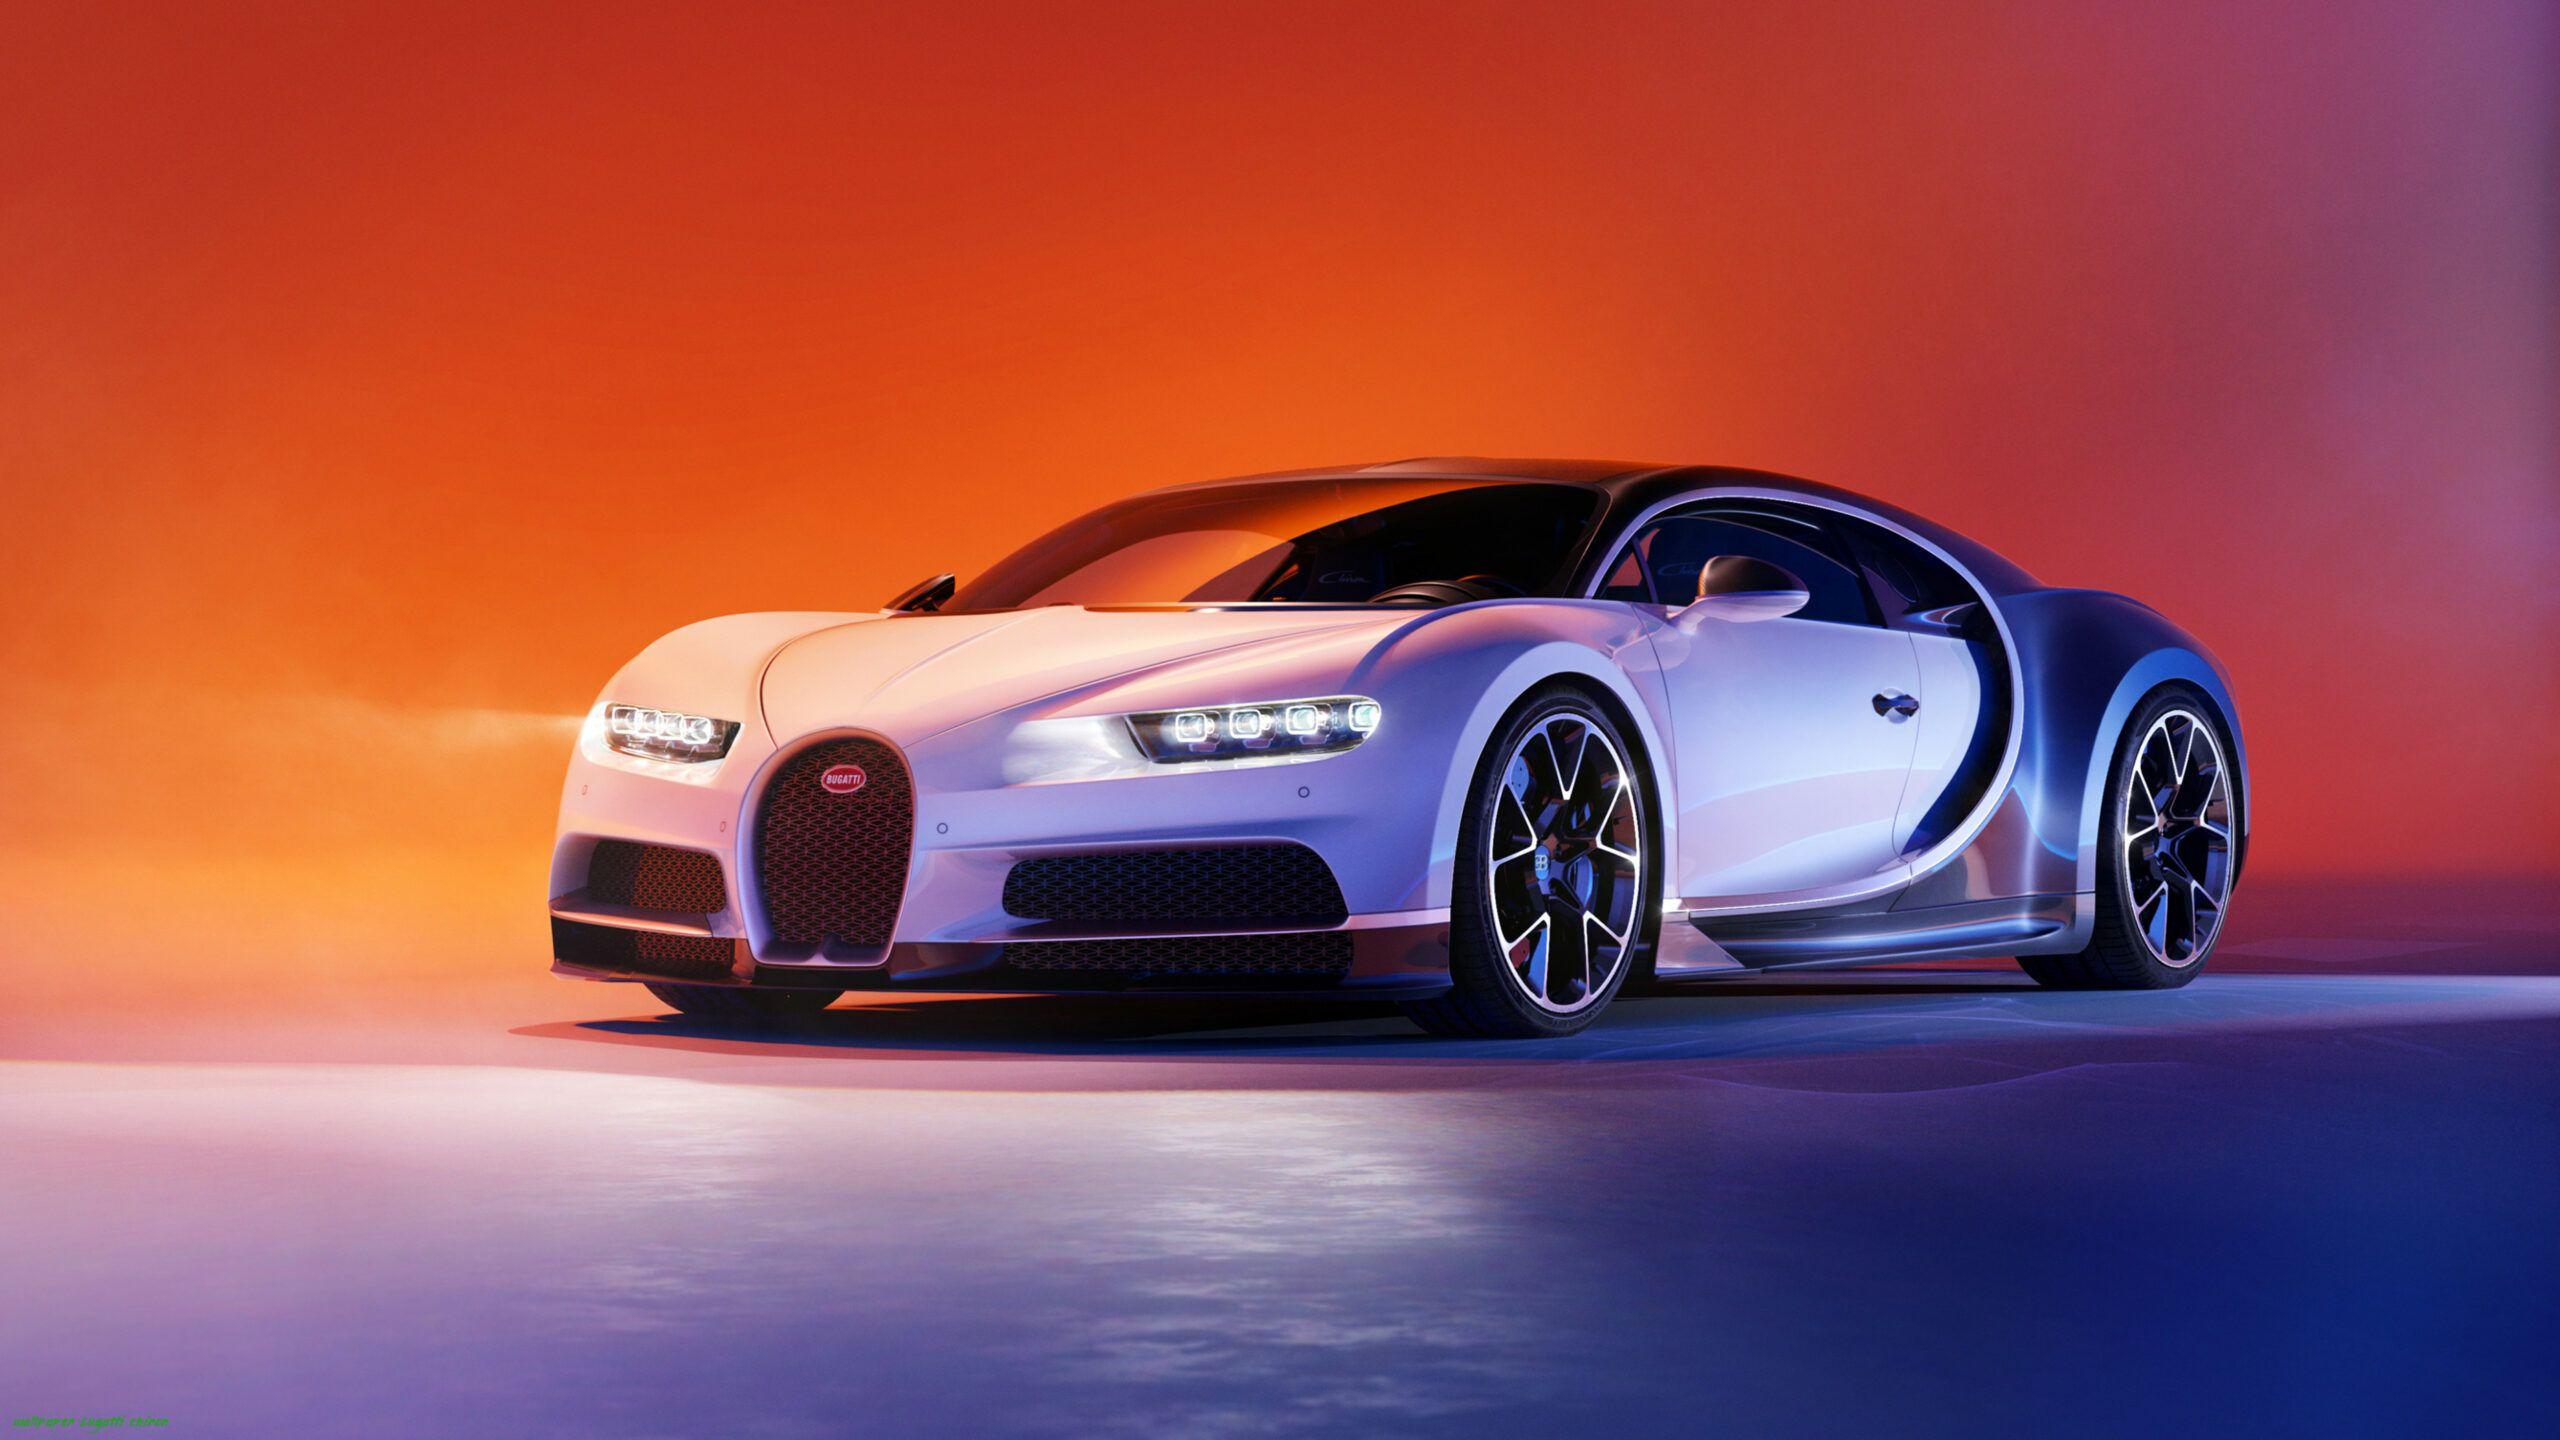 7 Facts About Wallpaper Bugatti Chiron That Will Blow Your Mind Wallpaper Bugatti Chiron Bugatti Chiron Bugatti Super Cars